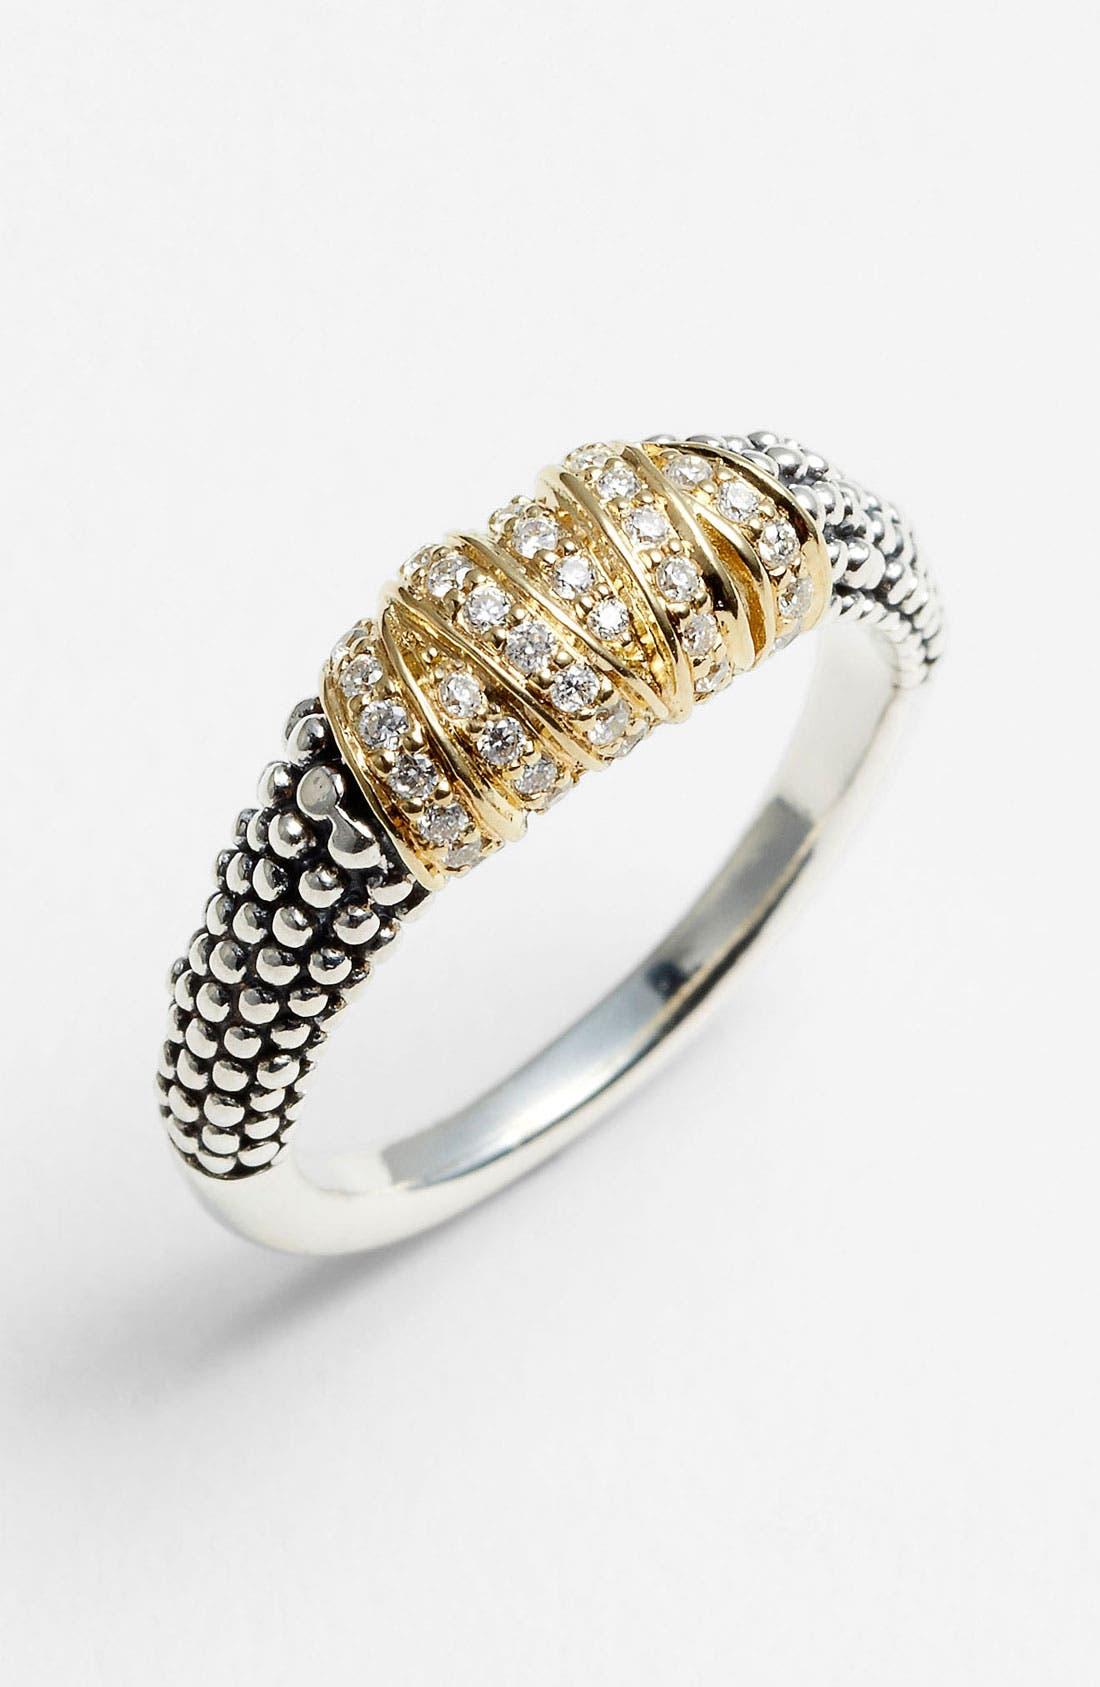 Main Image - Lagos 'Embrace' Diamond & Caviar™ Ring